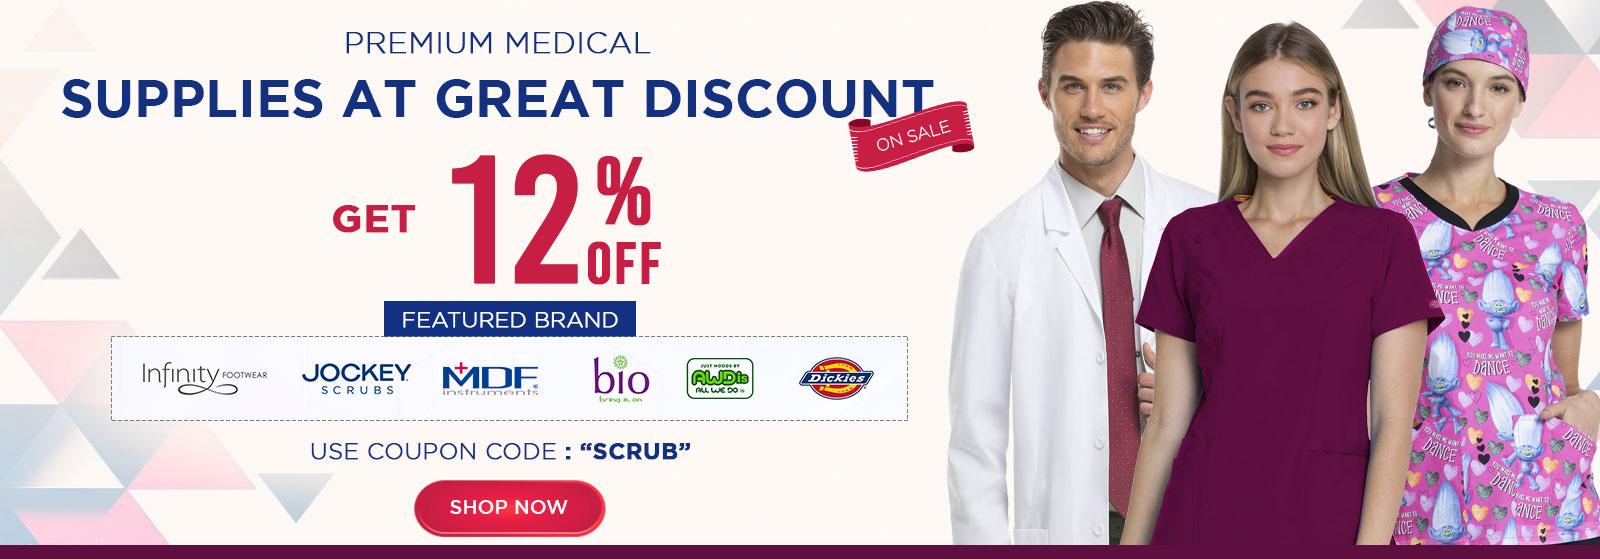 medical-scrub.jpg